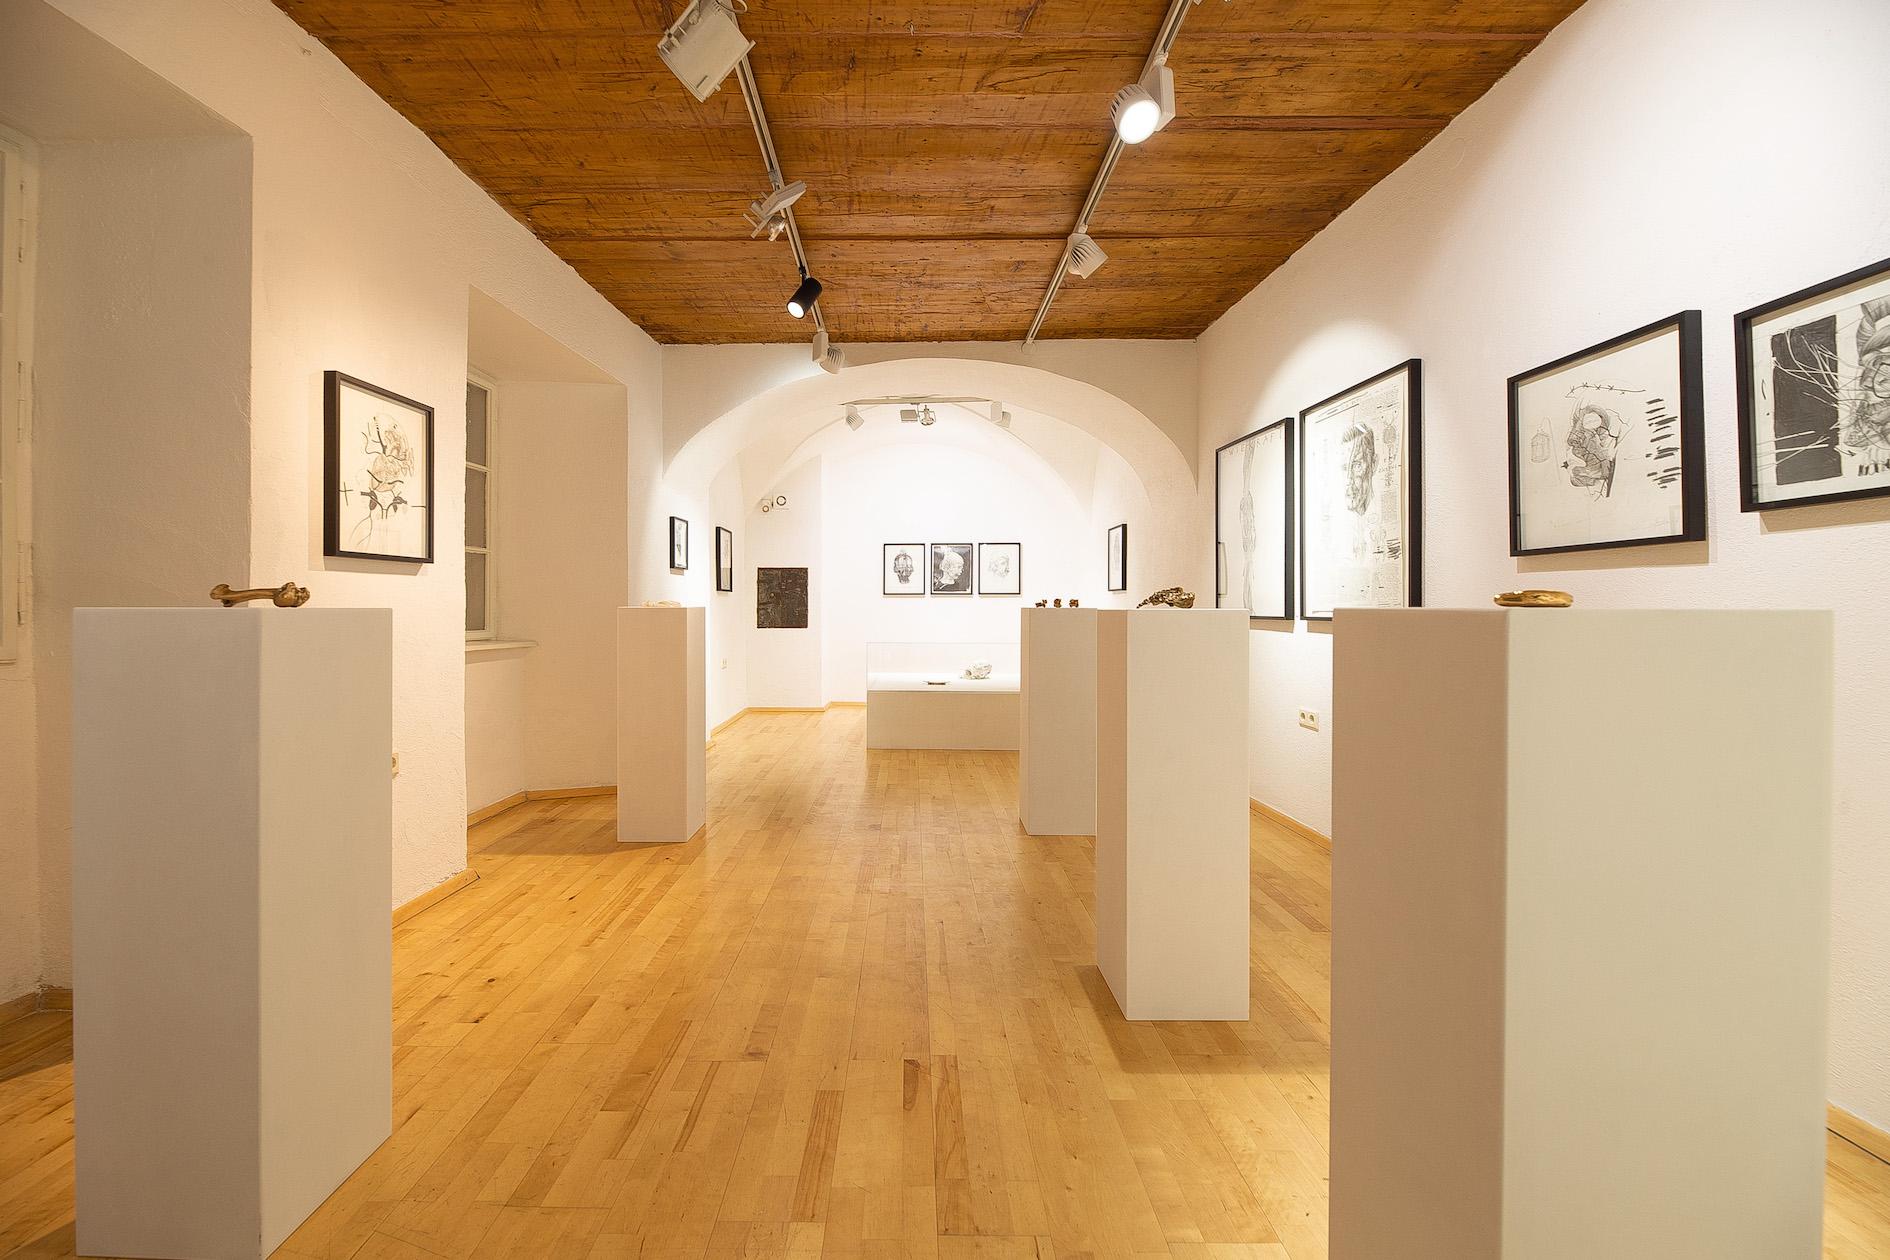 Ausstellung_Nani Hagg_TOMAK_Galerie Frank Wien_Raum hinten